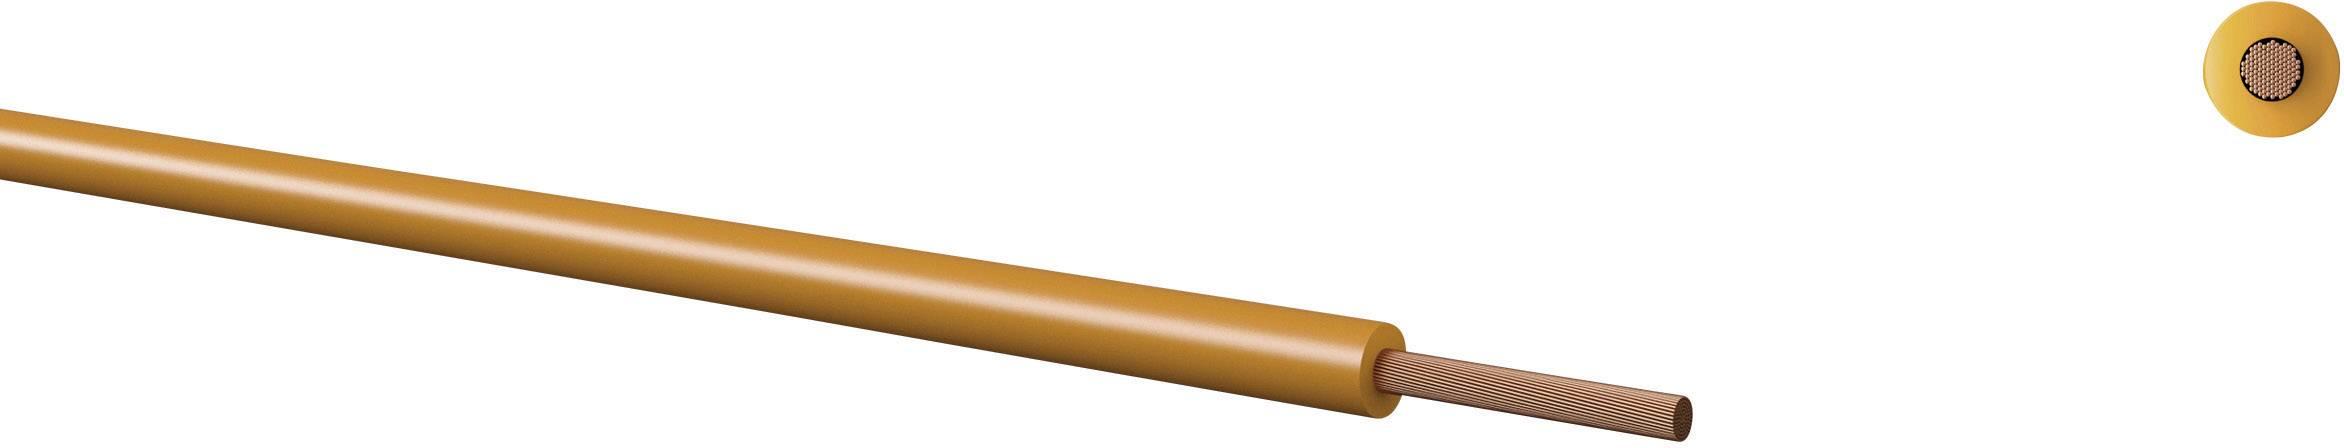 Opletenie / lanko Kabeltronik 160115008 LiFY, 1 x 1.50 mm², vonkajší Ø 3.40 mm, metrový tovar, červená